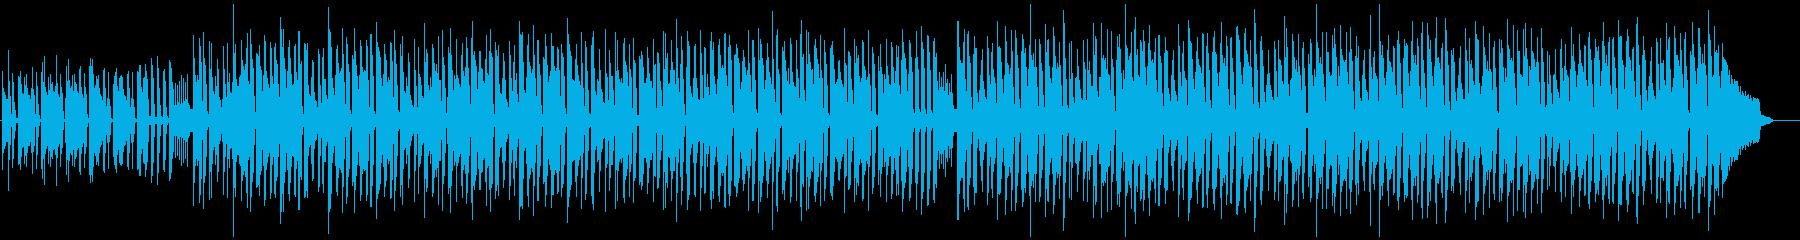 ウクレレと口笛による楽しいポップスの再生済みの波形